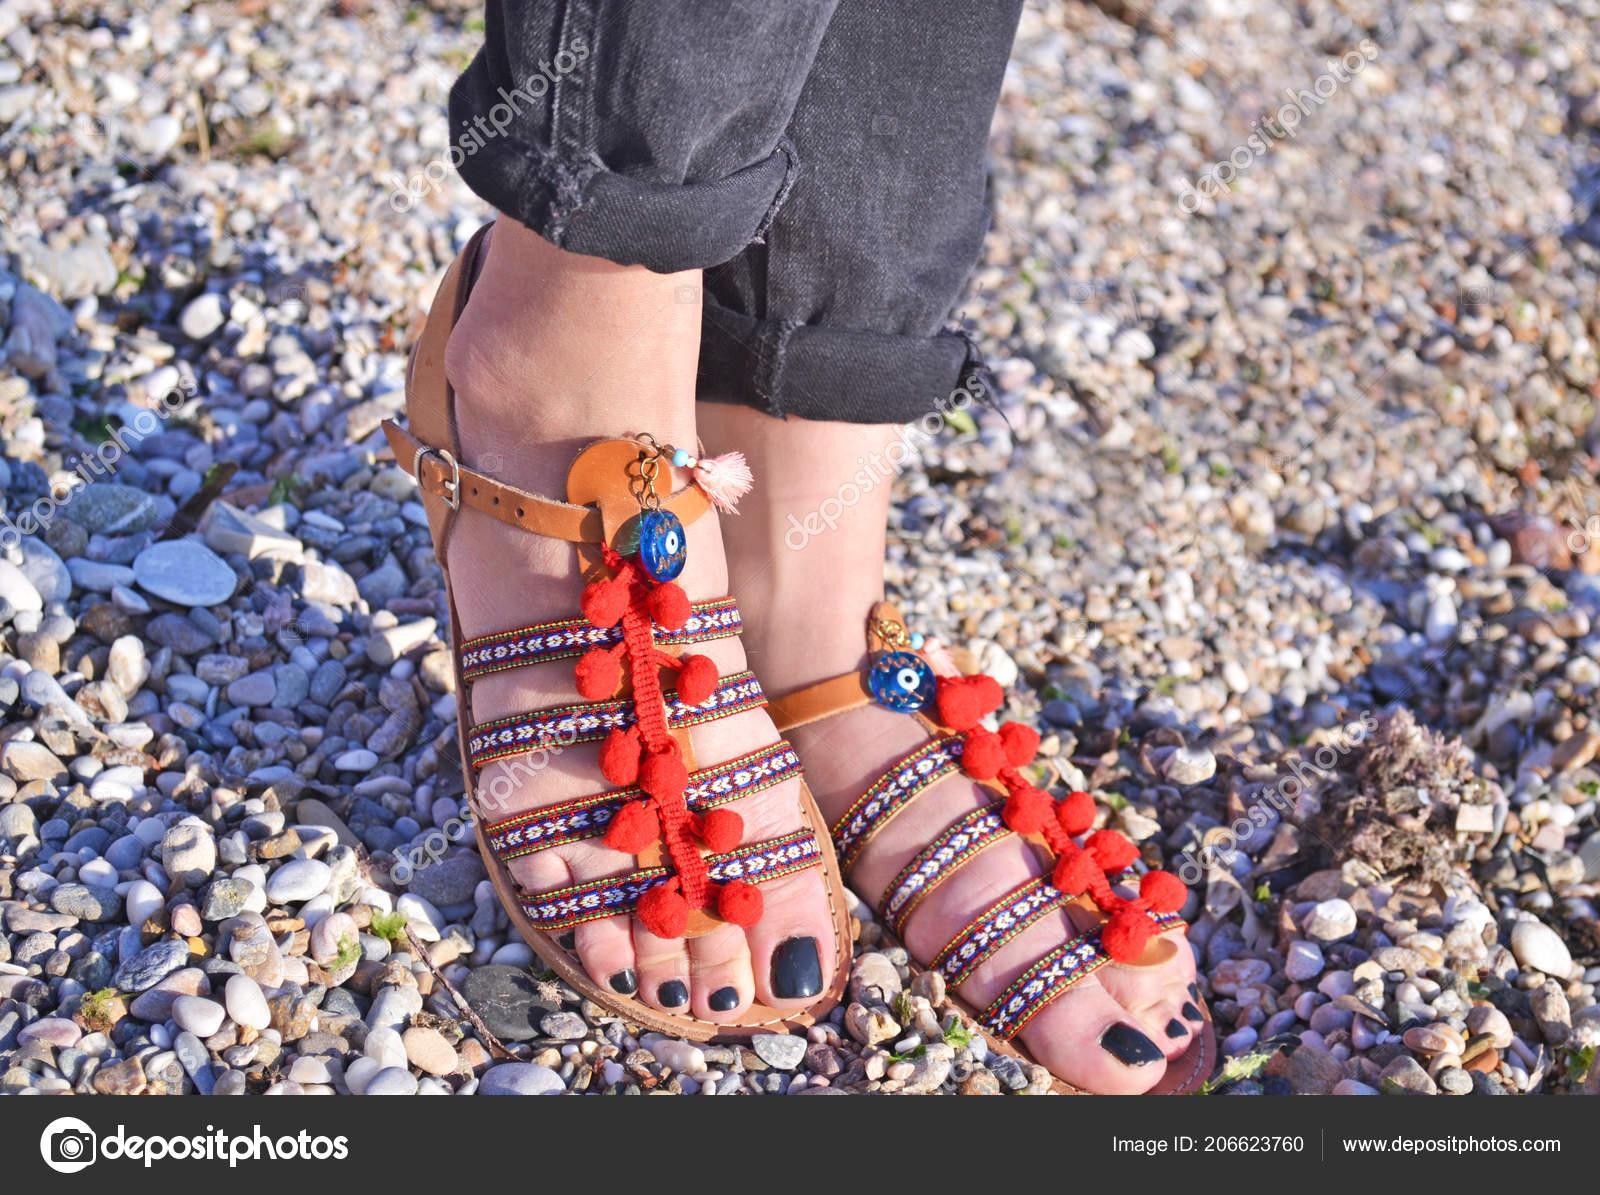 65b4986c93854 Propaganda Sandálias Boêmio Sobre Acessórios Moda Praia Sandália Couro  Grego — Fotografia de Stock